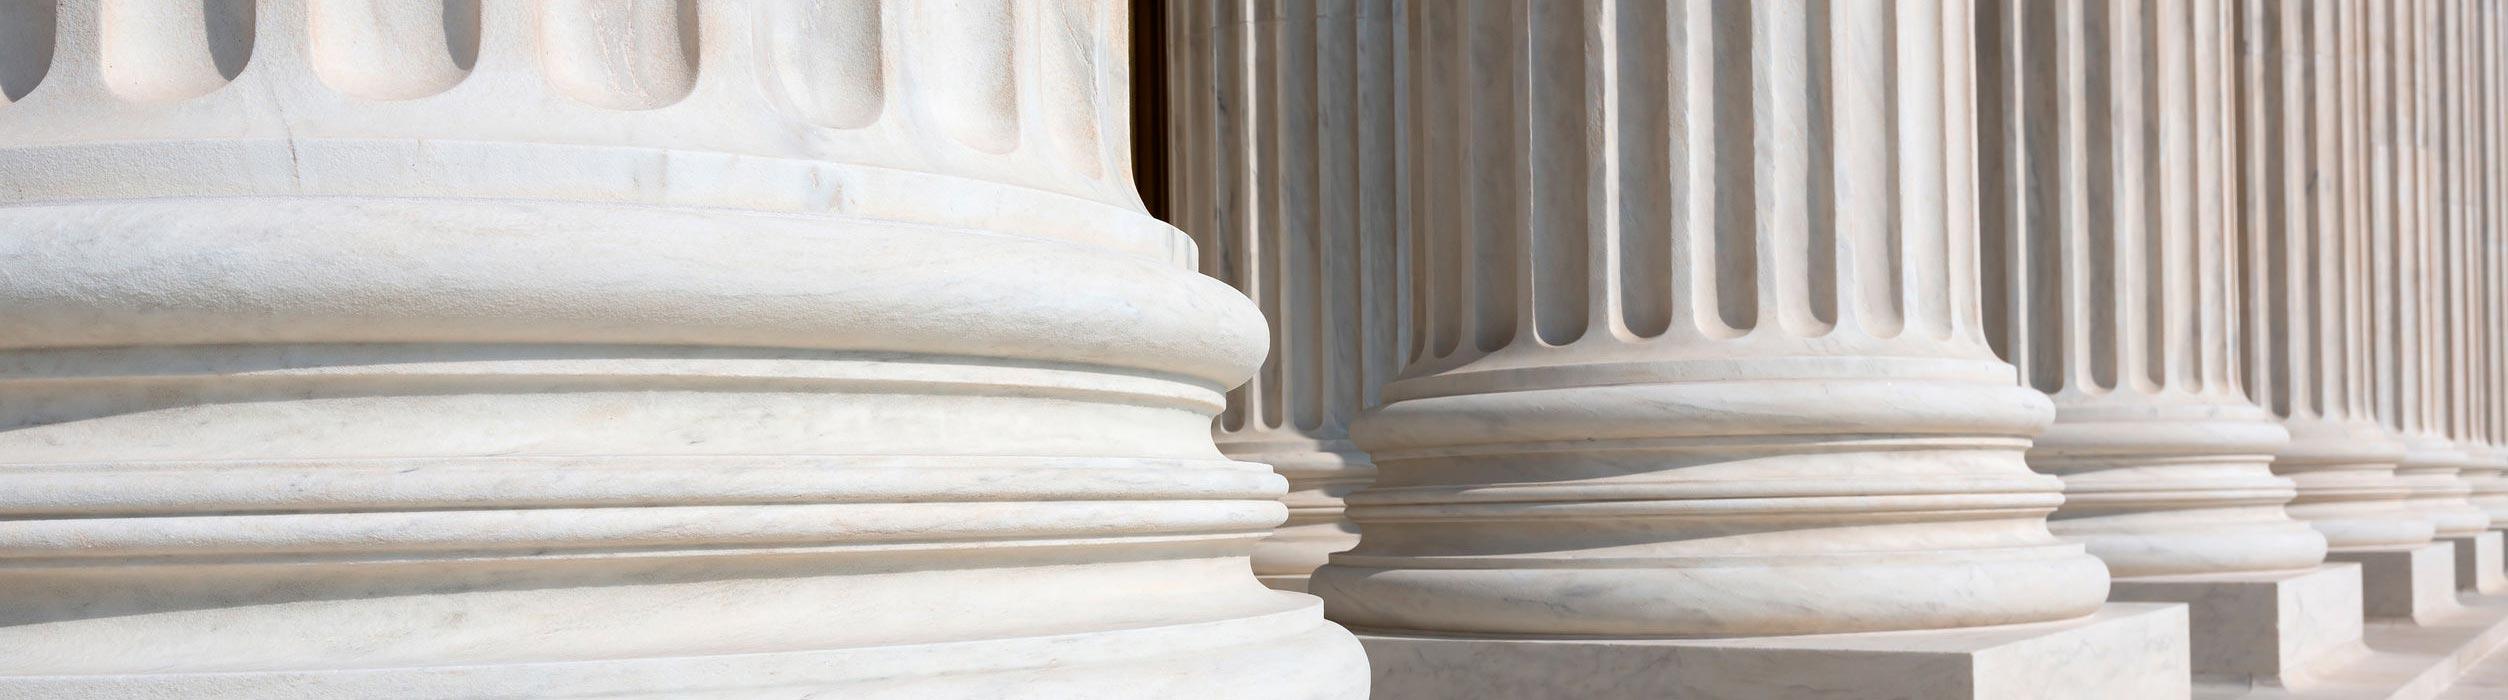 illustration des colonnes devant les tribunaux de justice